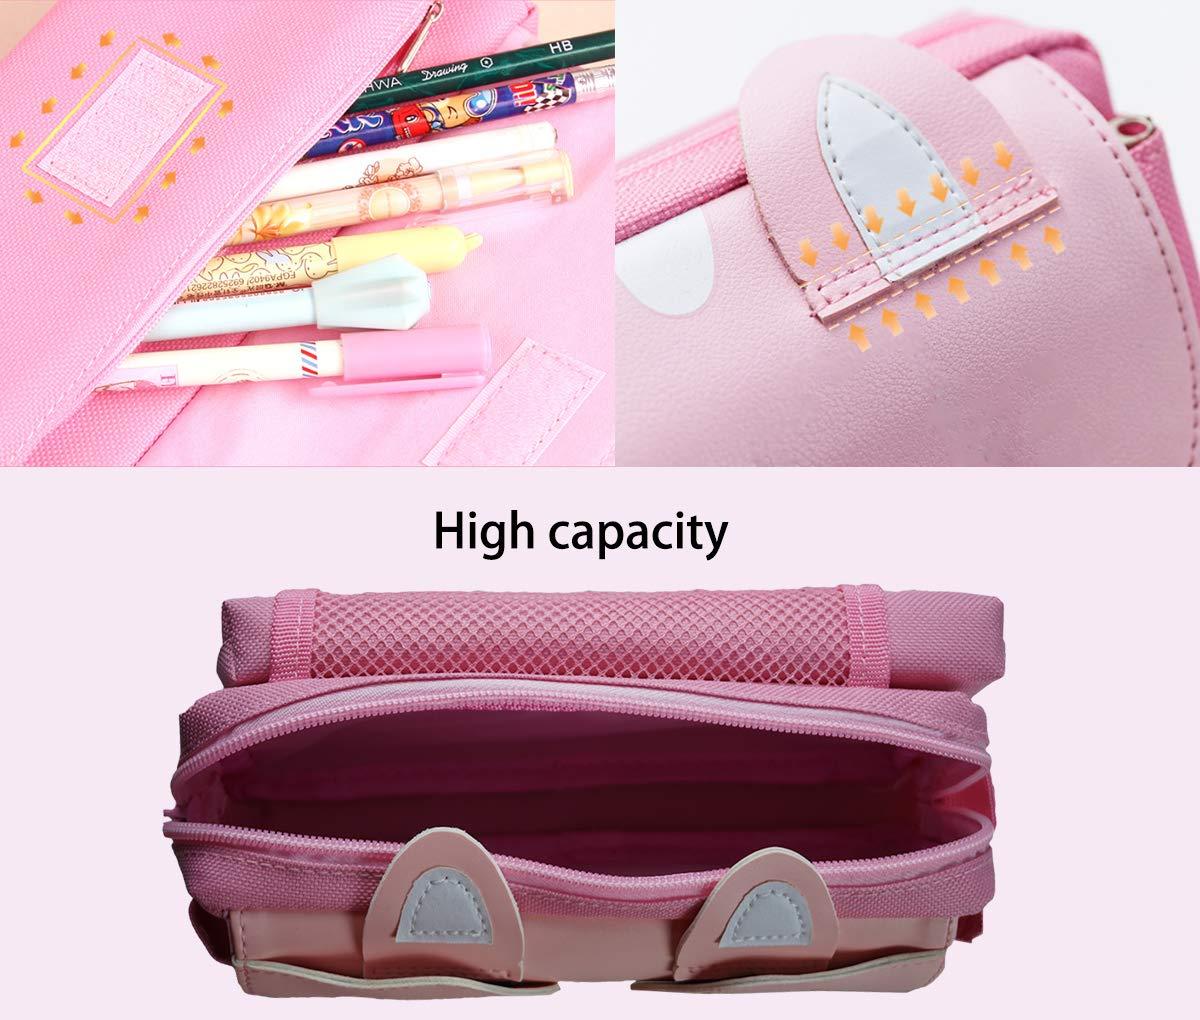 Estuche de lápices, bolsa de lápices de gran capacidad linda, bolsa de almacenamiento de artículos de papelería, bolsa de cosméticos para la escuela secundaria de la oficina del estudiante, rosa